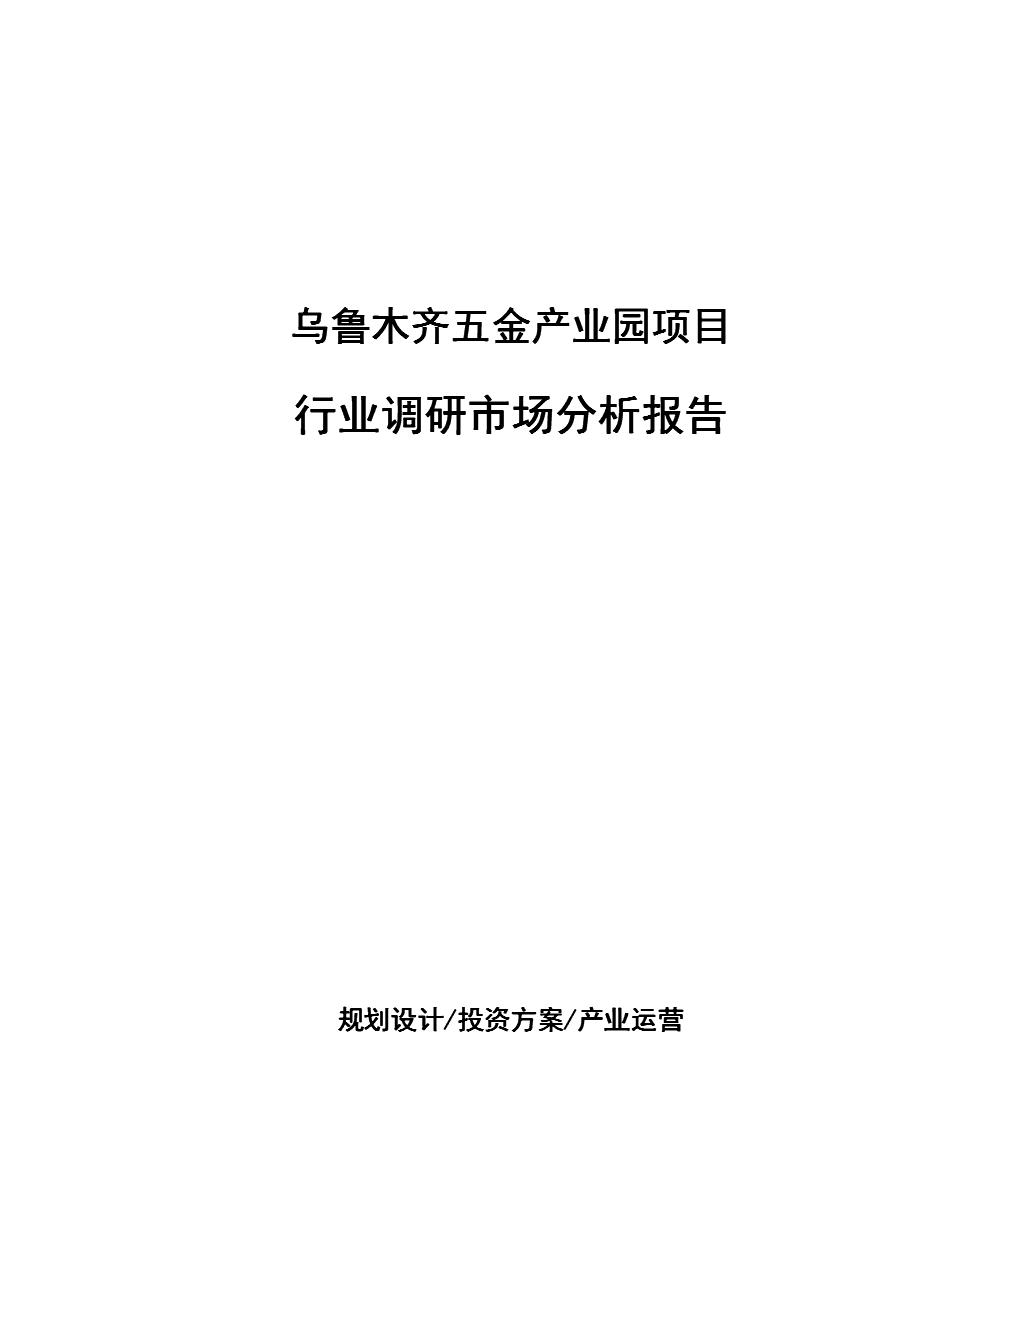 乌鲁木齐五金产业园项目行业调研市场分析报告.docx